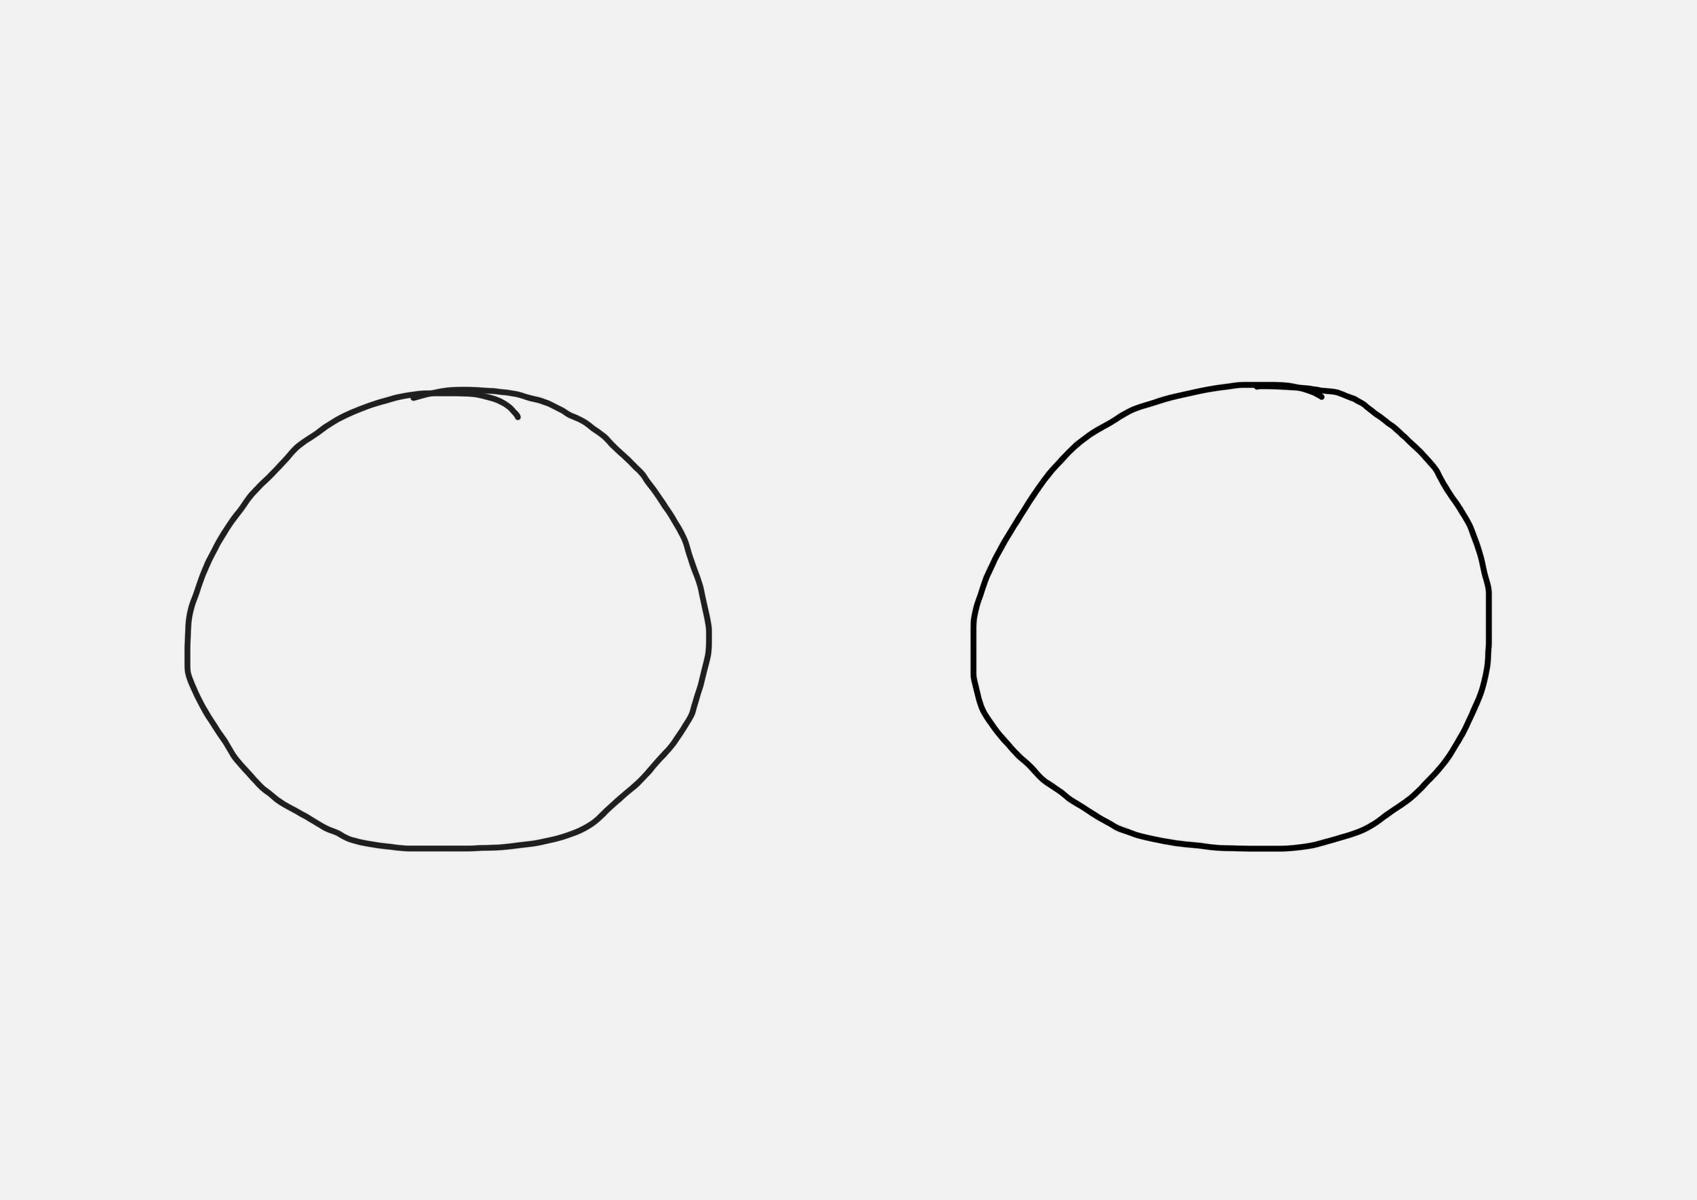 einfache bilder zum zeichnen